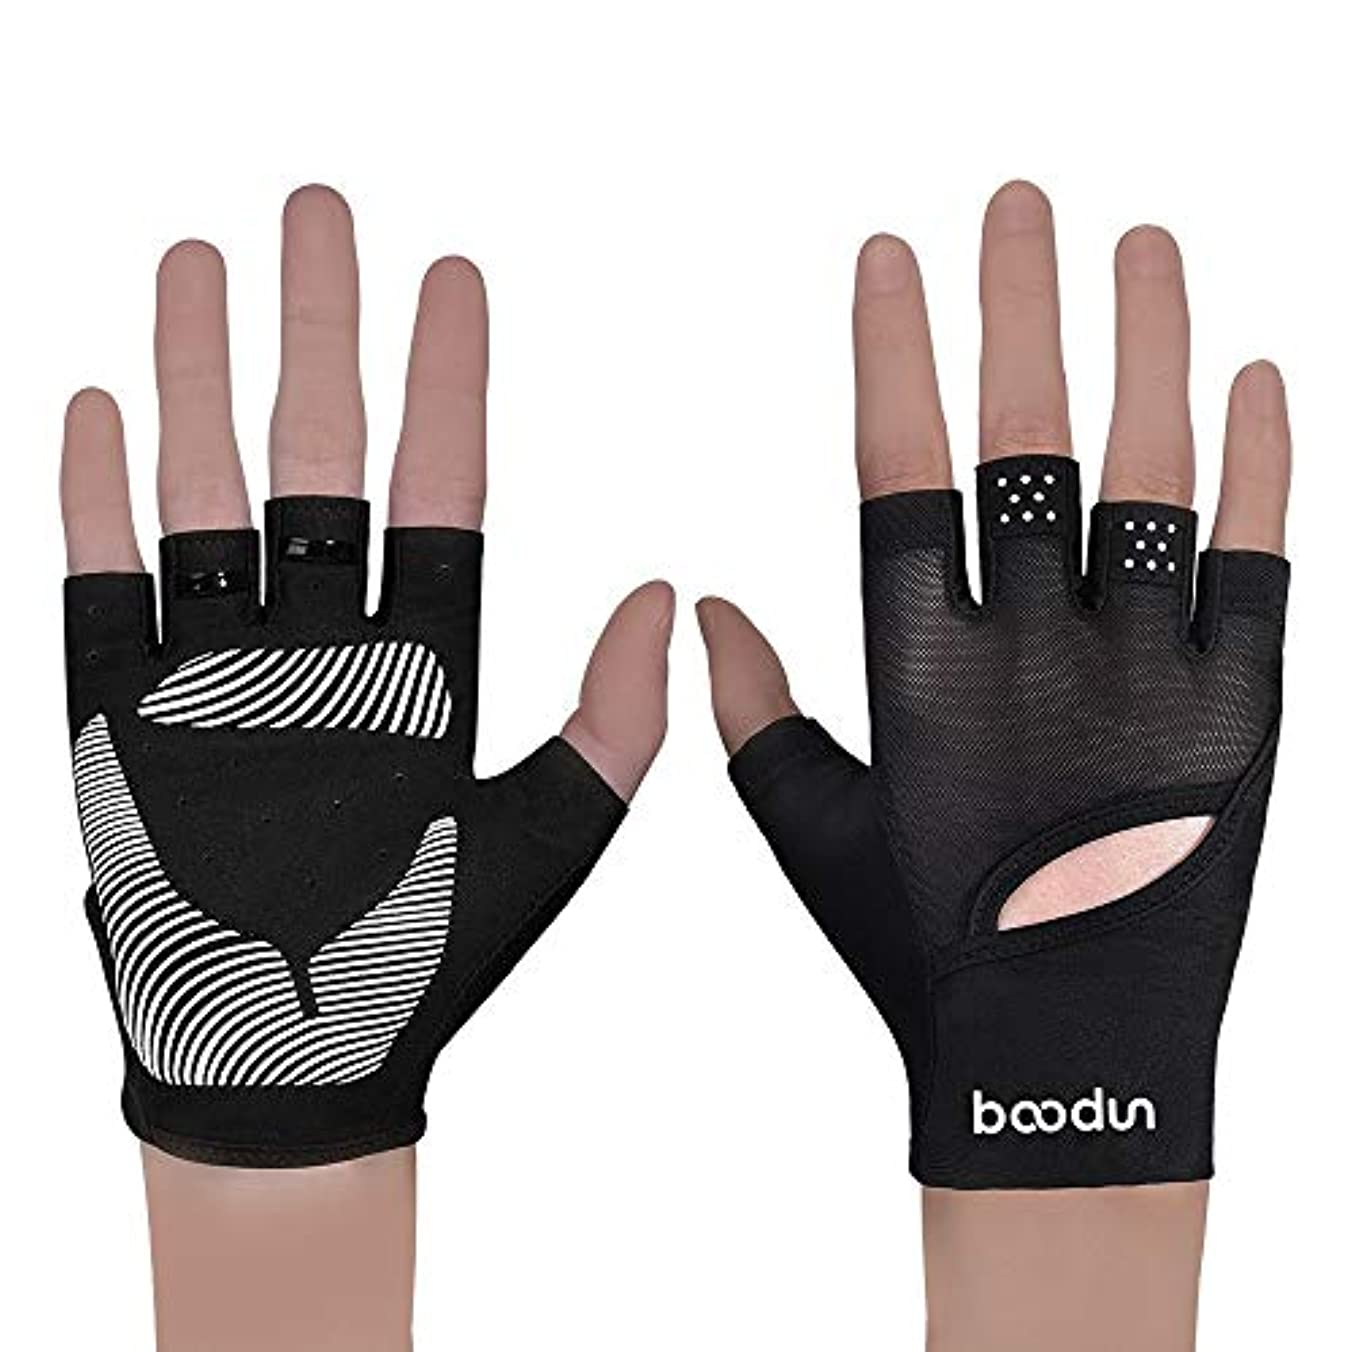 延ばす立方体花瓶トレーニンググローブ Palmはウェアラブルパームマット女性スポーツフィットネス手袋ヨガハーフフィンガーグローブフィットネススリップ (Color : Pink, Size : M)